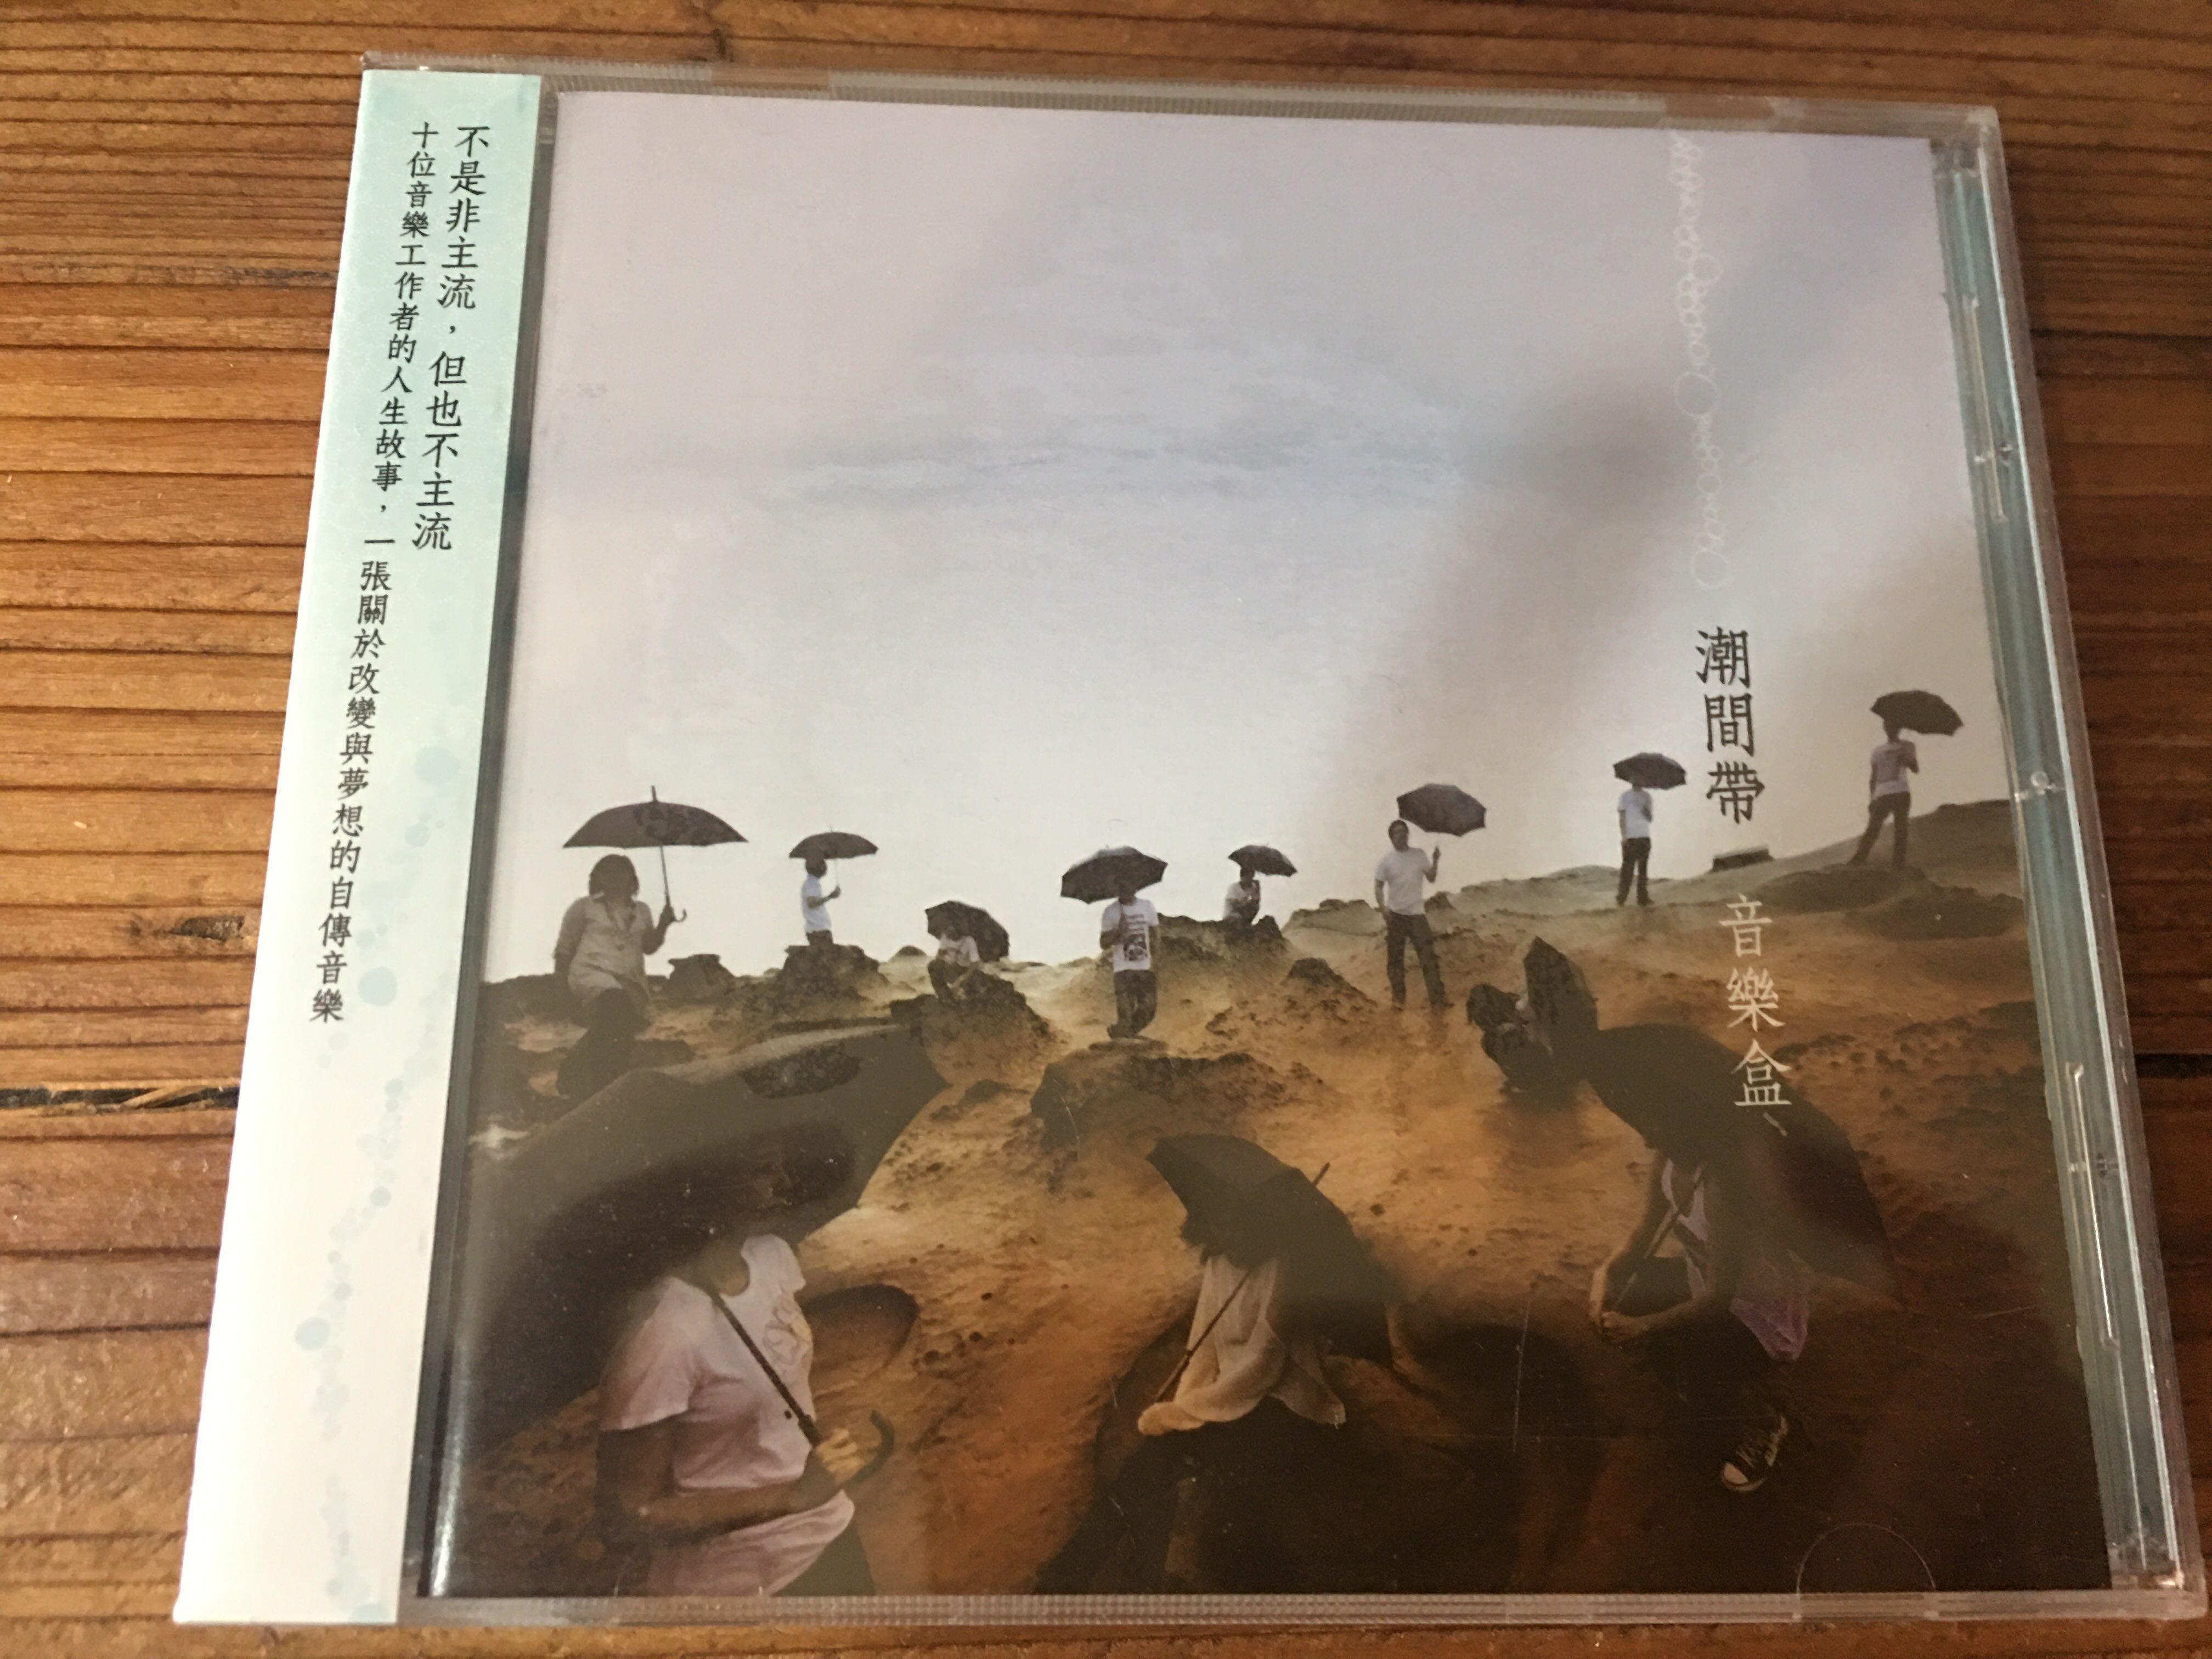 全新~潮間帶CD